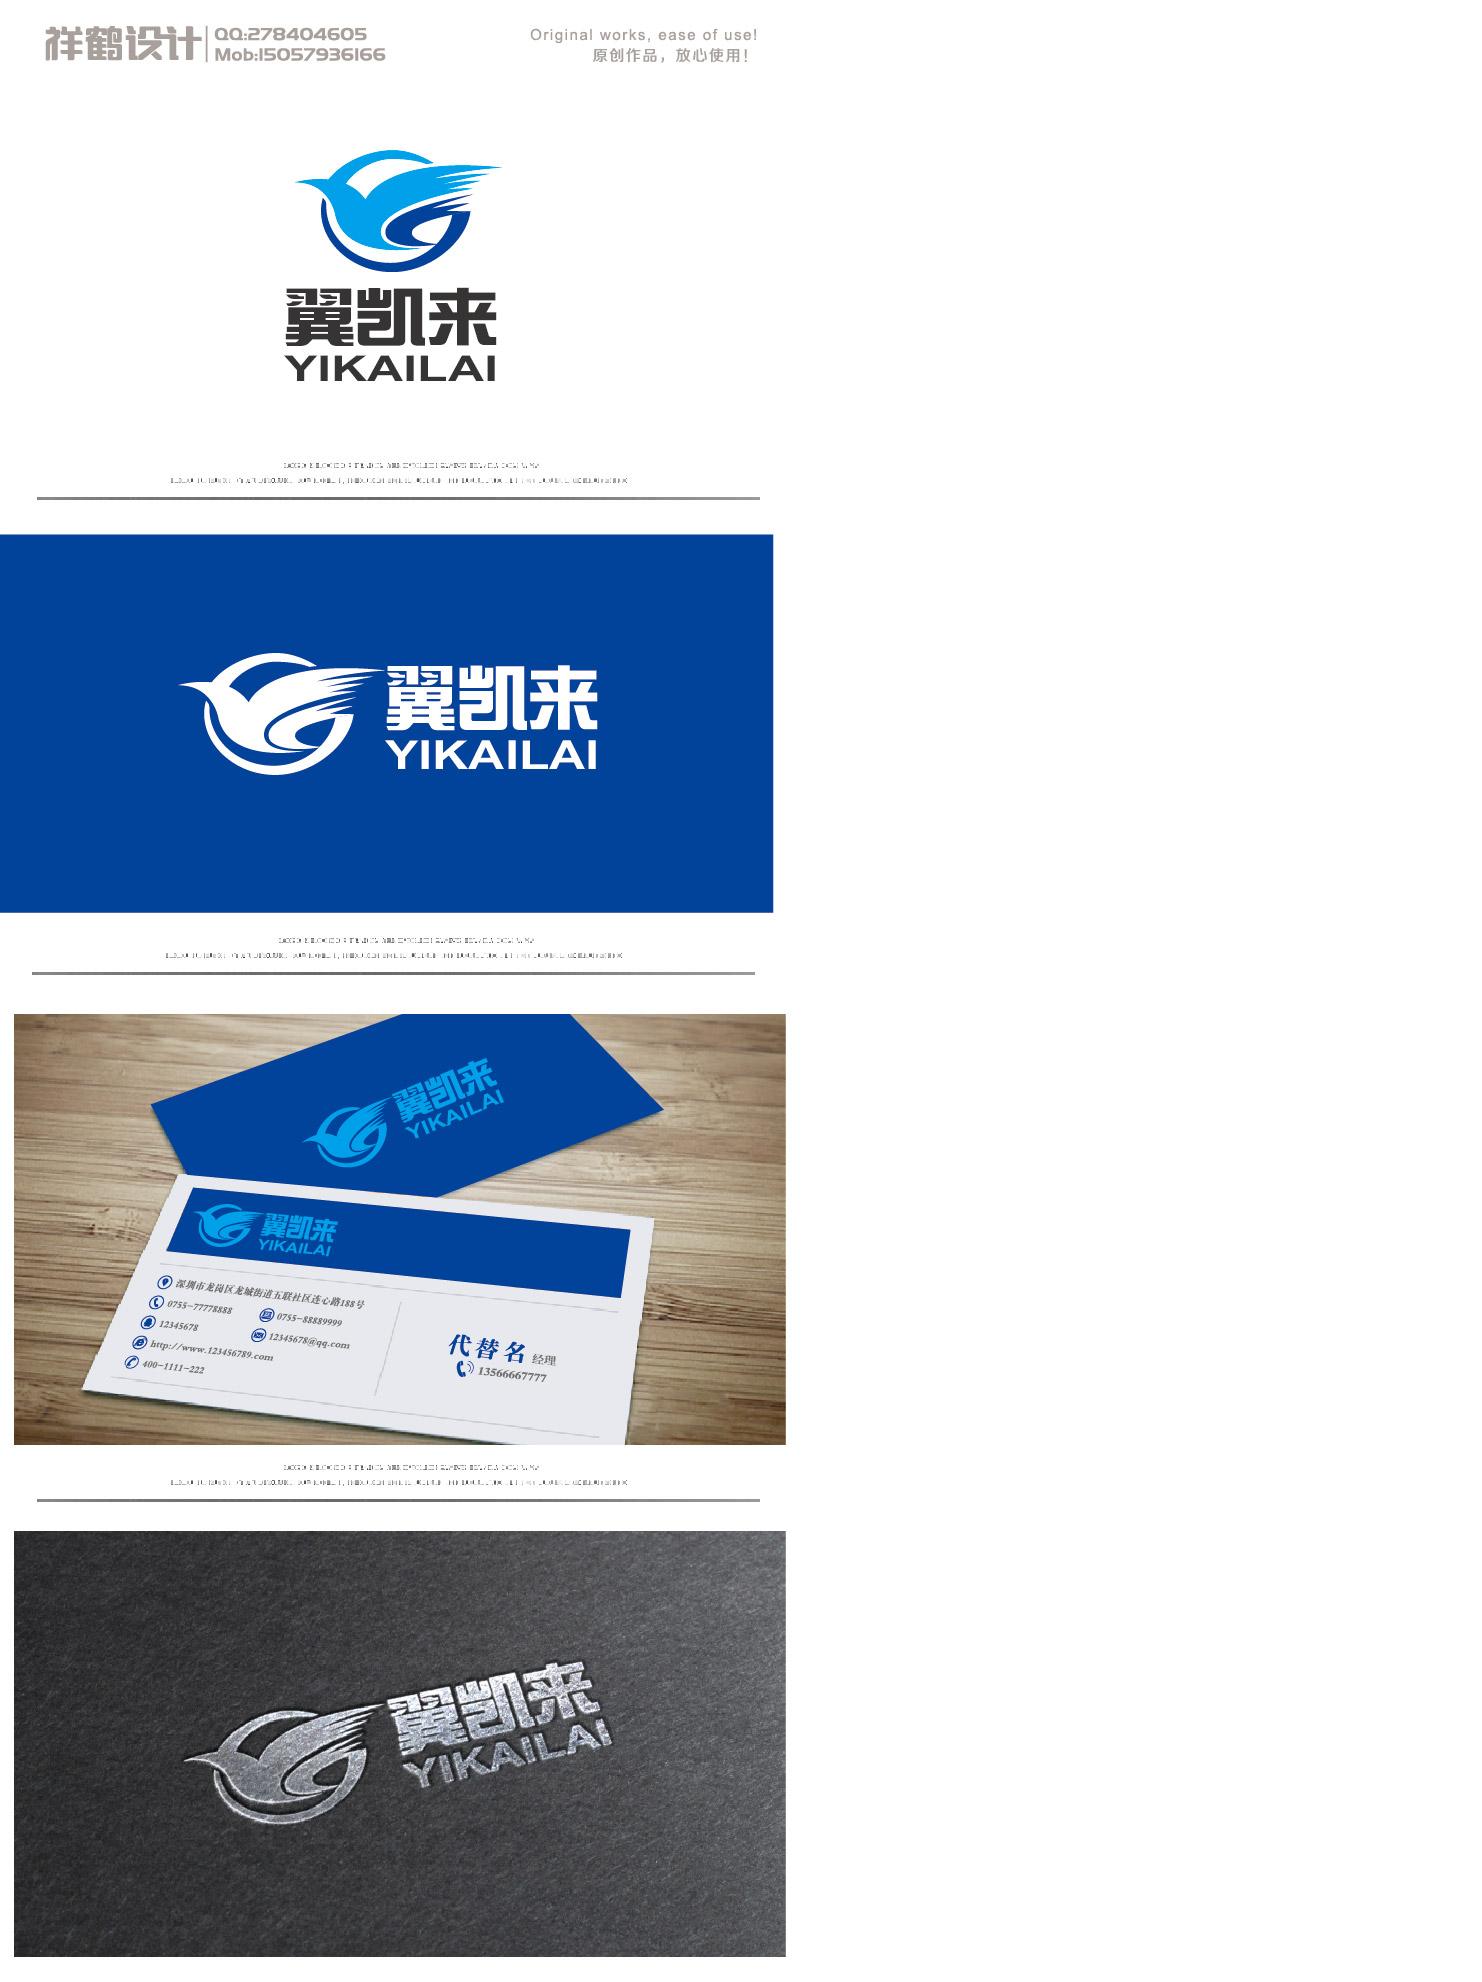 商标设计(5.26更新)_3037574_k68威客网